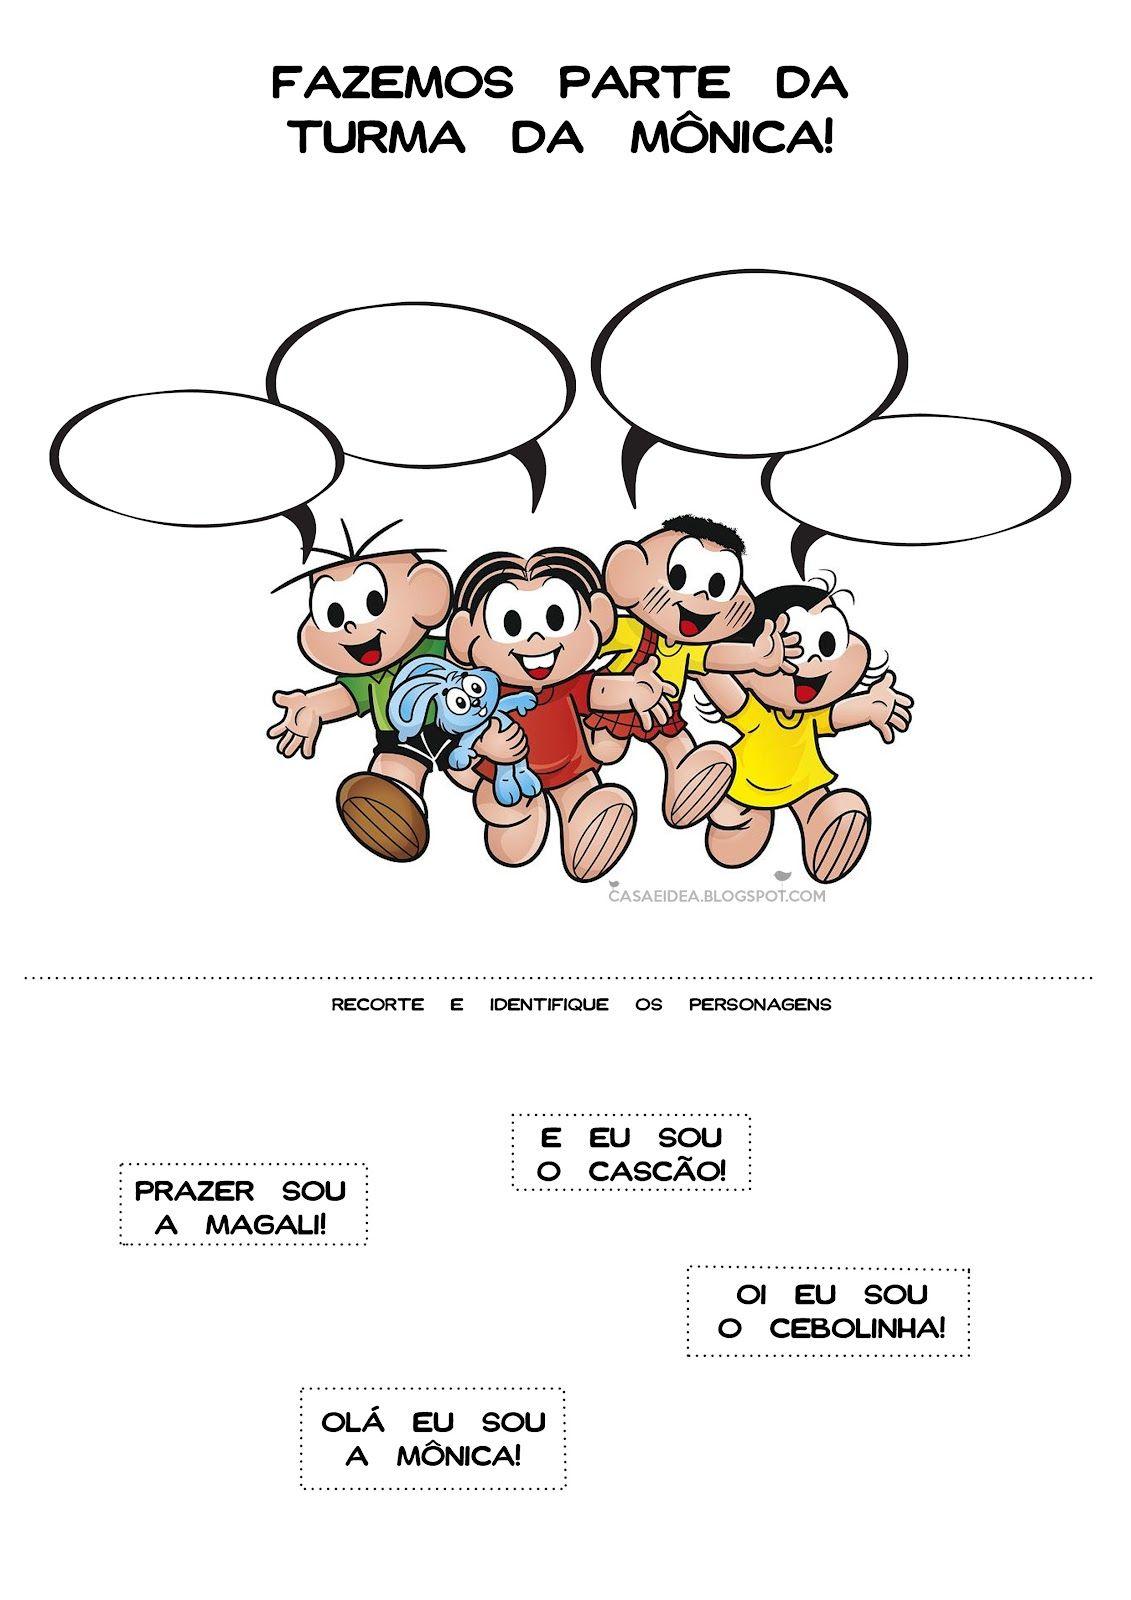 Historia Em Quadrinhos Turma Da Monica Identifique Os